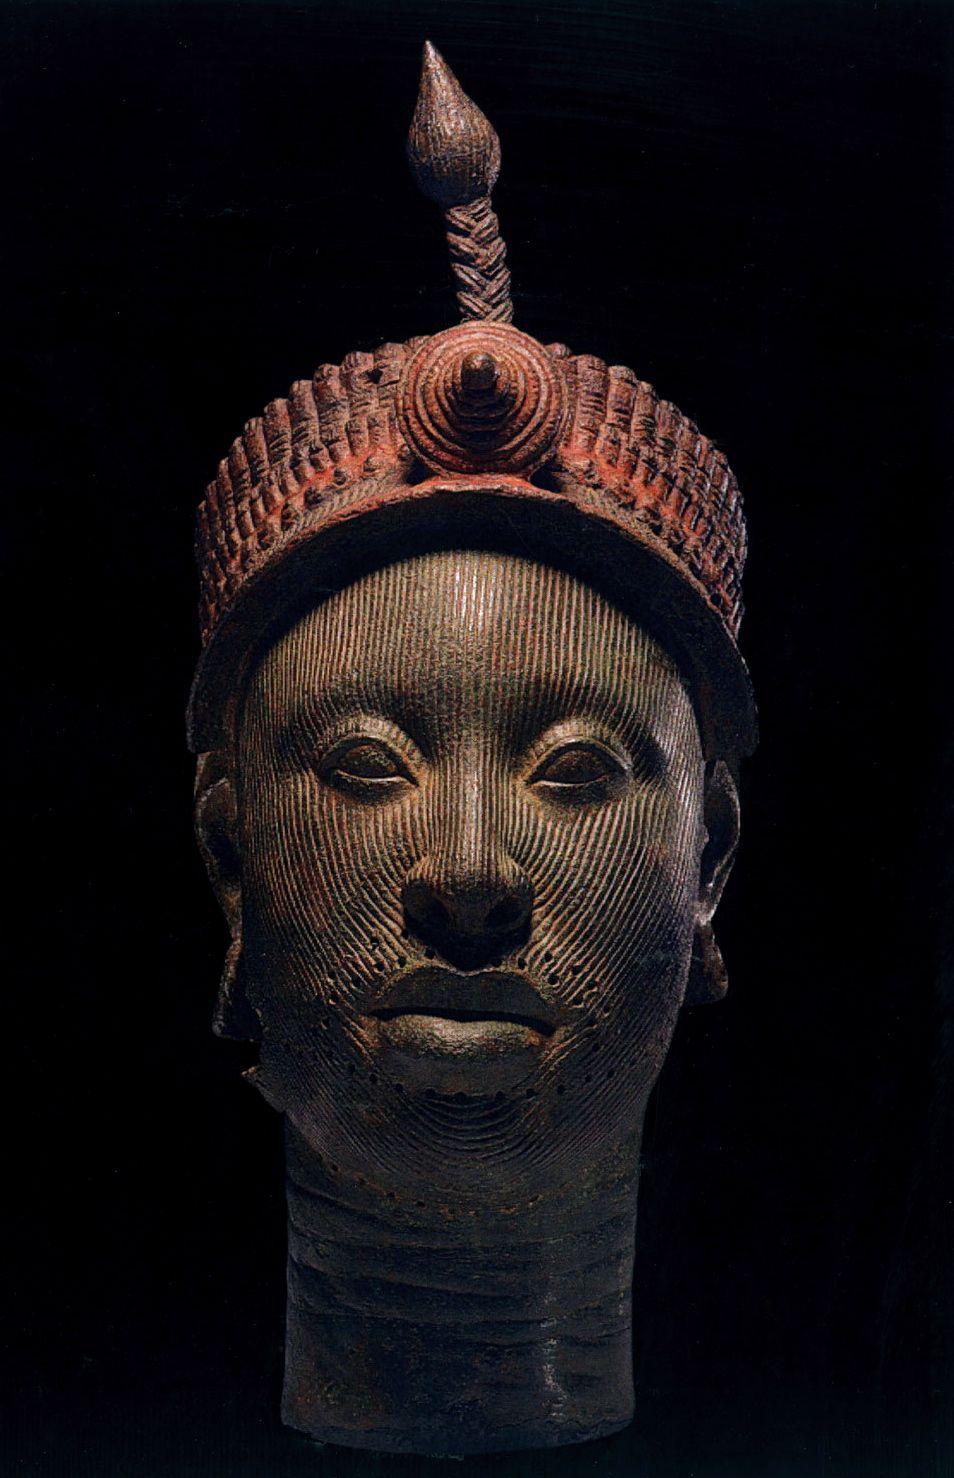 африканская крутость итуту йоруба itutu cool отвратительные мужики disgusting men